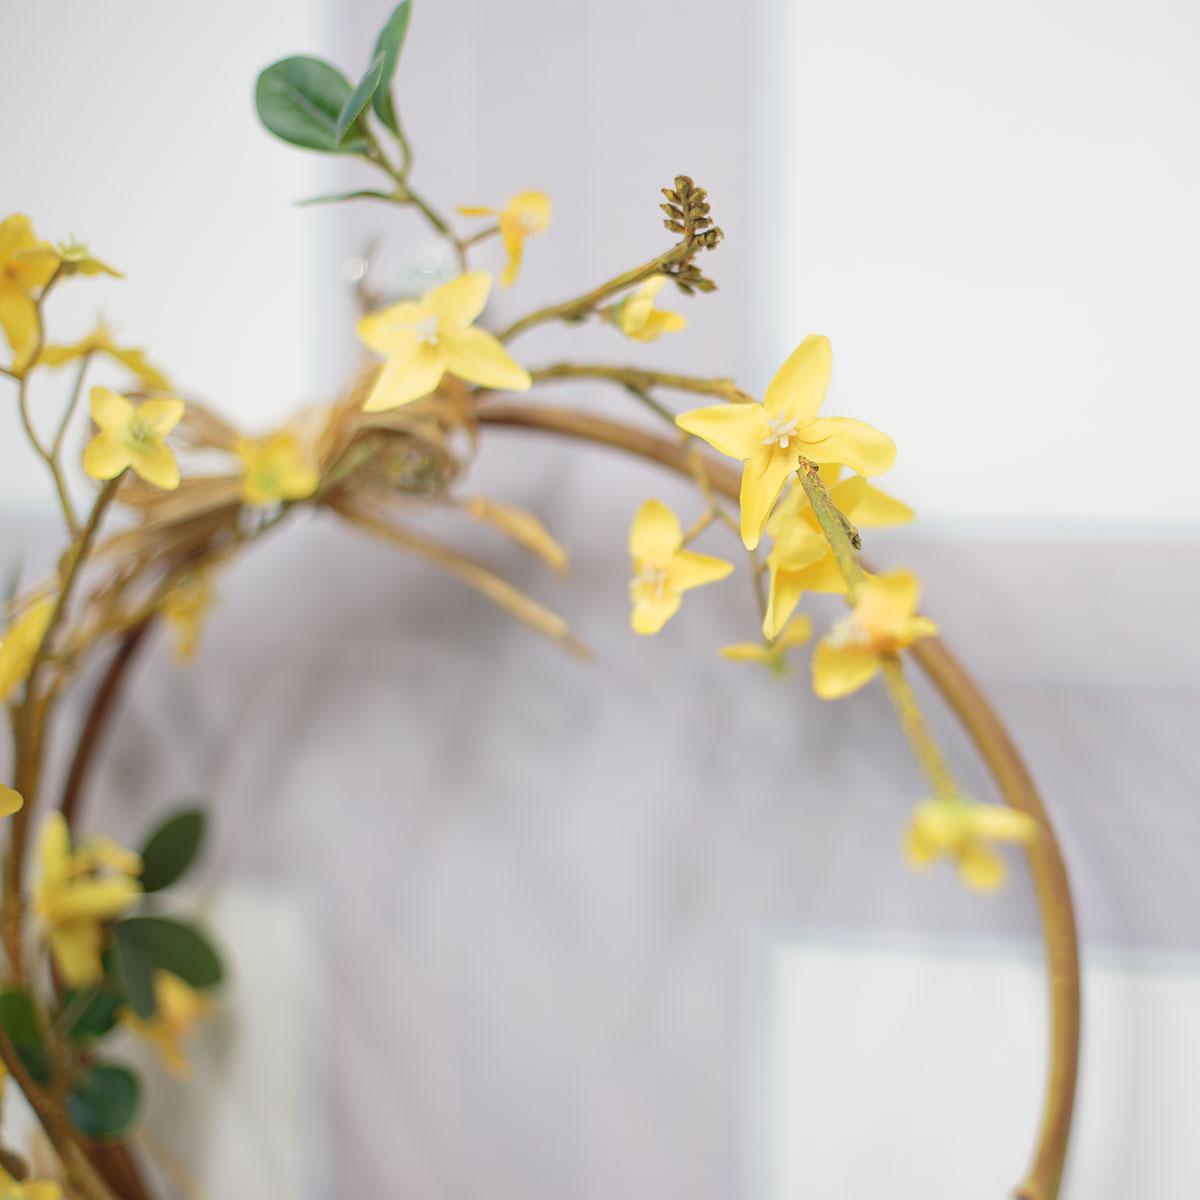 개나리 꽃 디테일 사진1